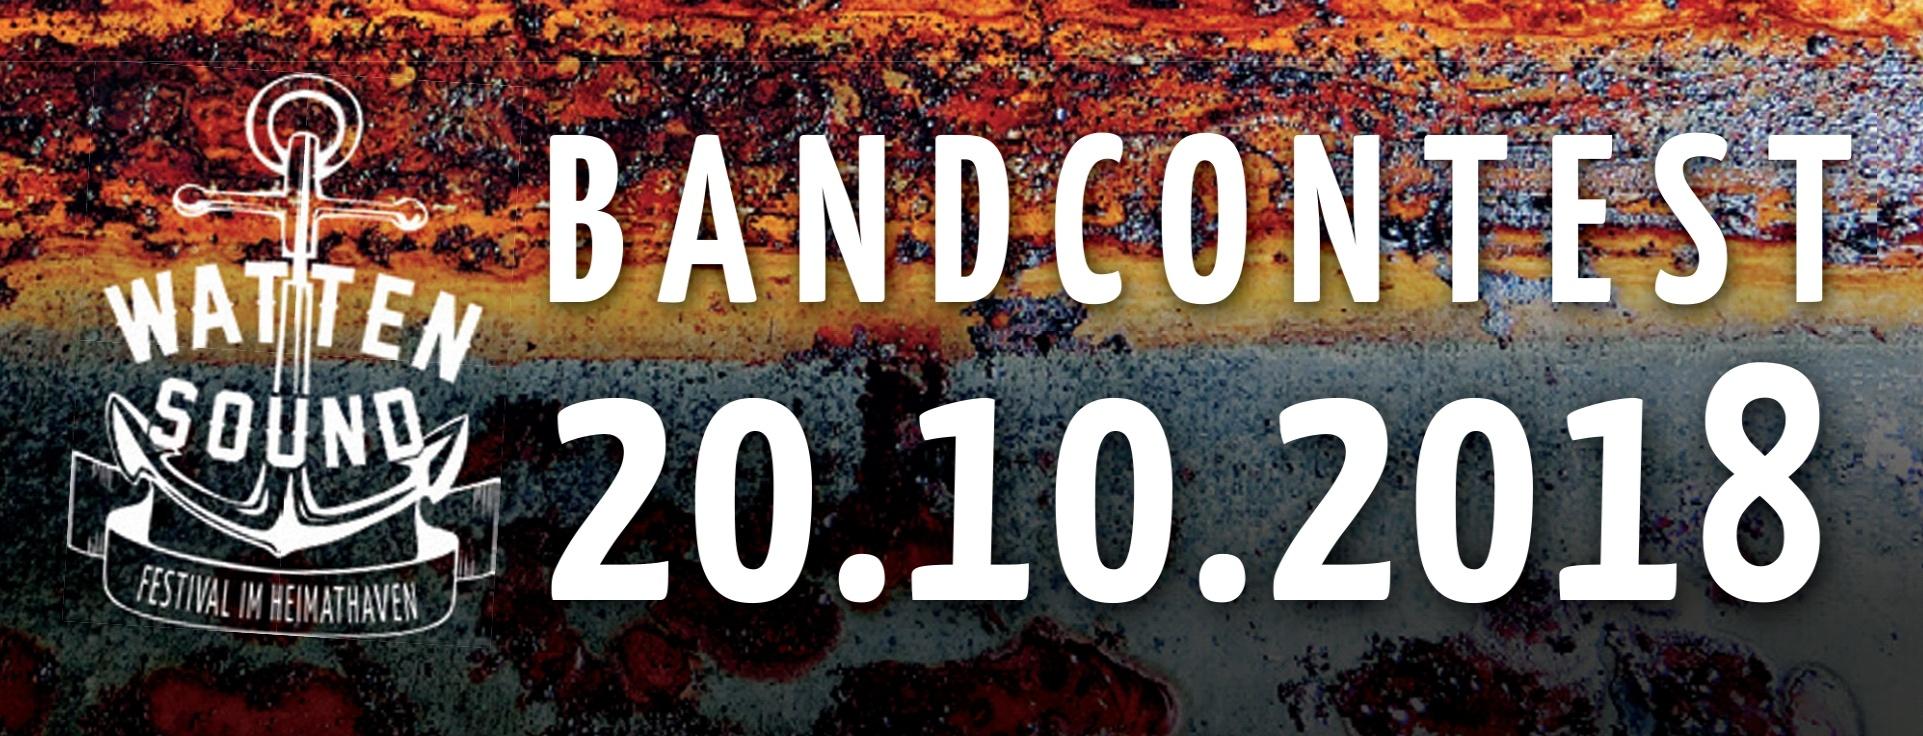 WS Bandcontest